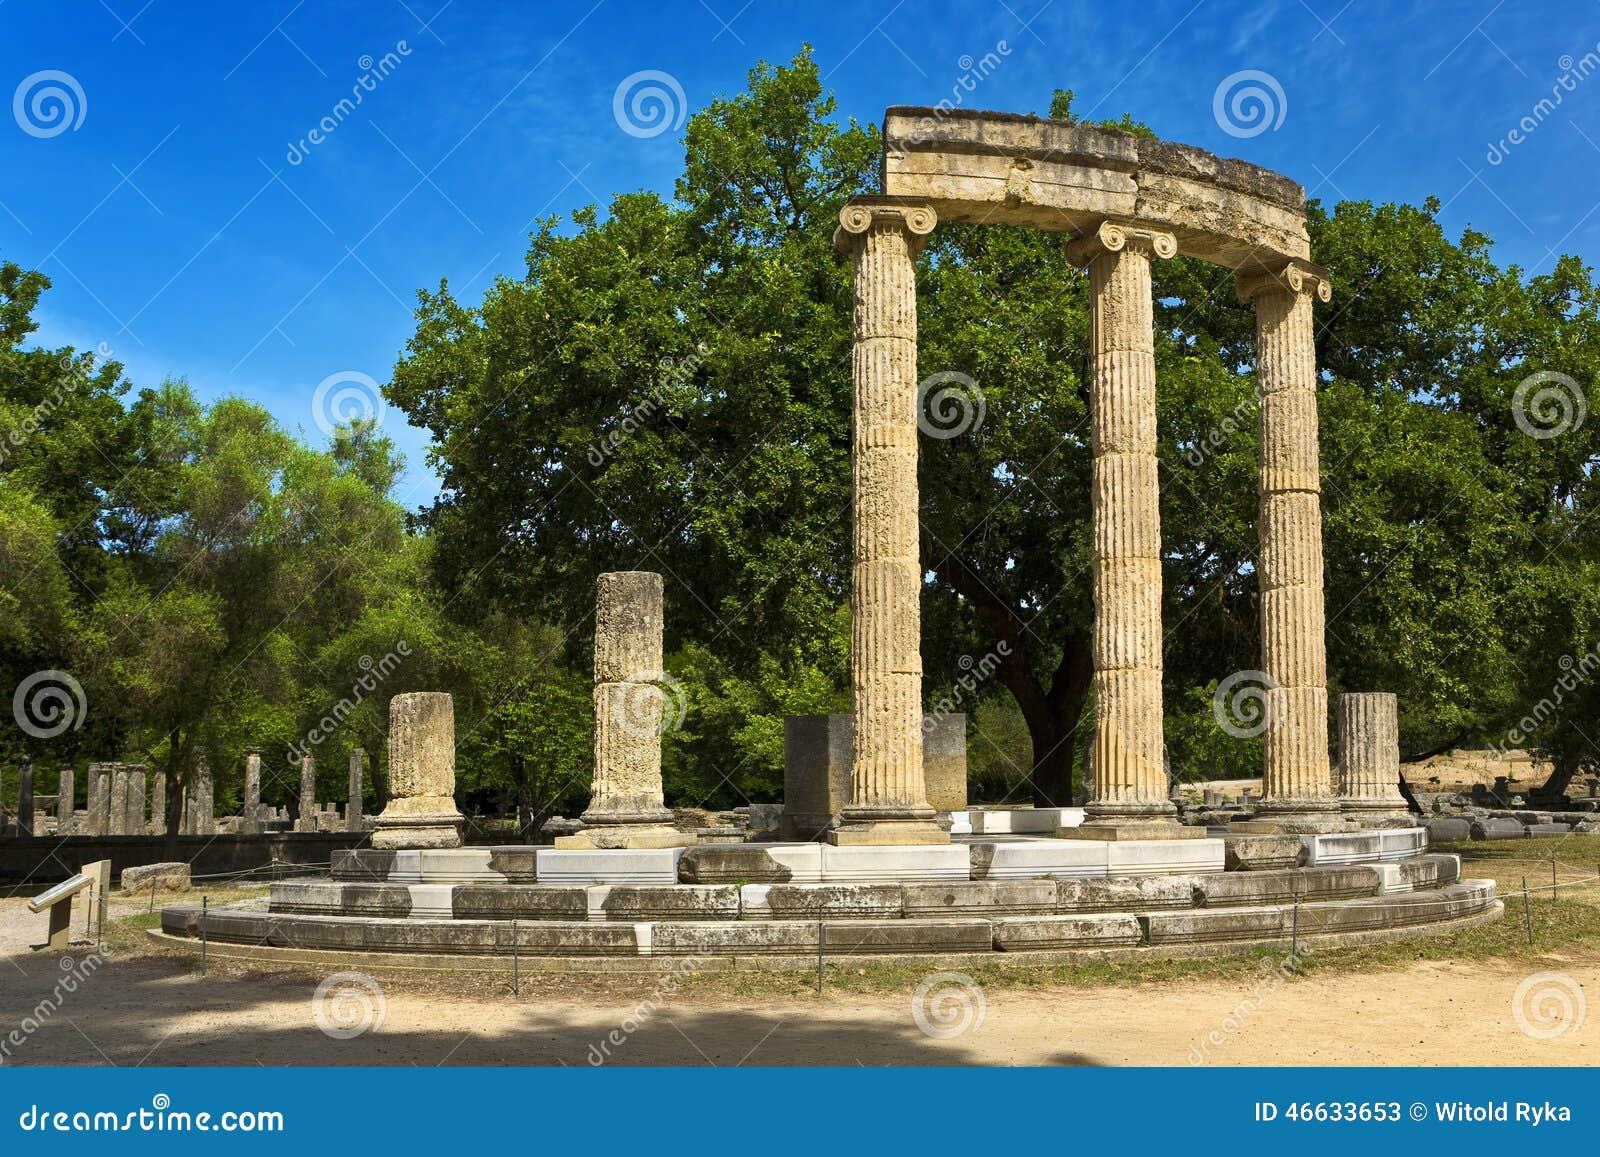 Sito archeologico di olimpia immagine stock immagine for Immagini sito